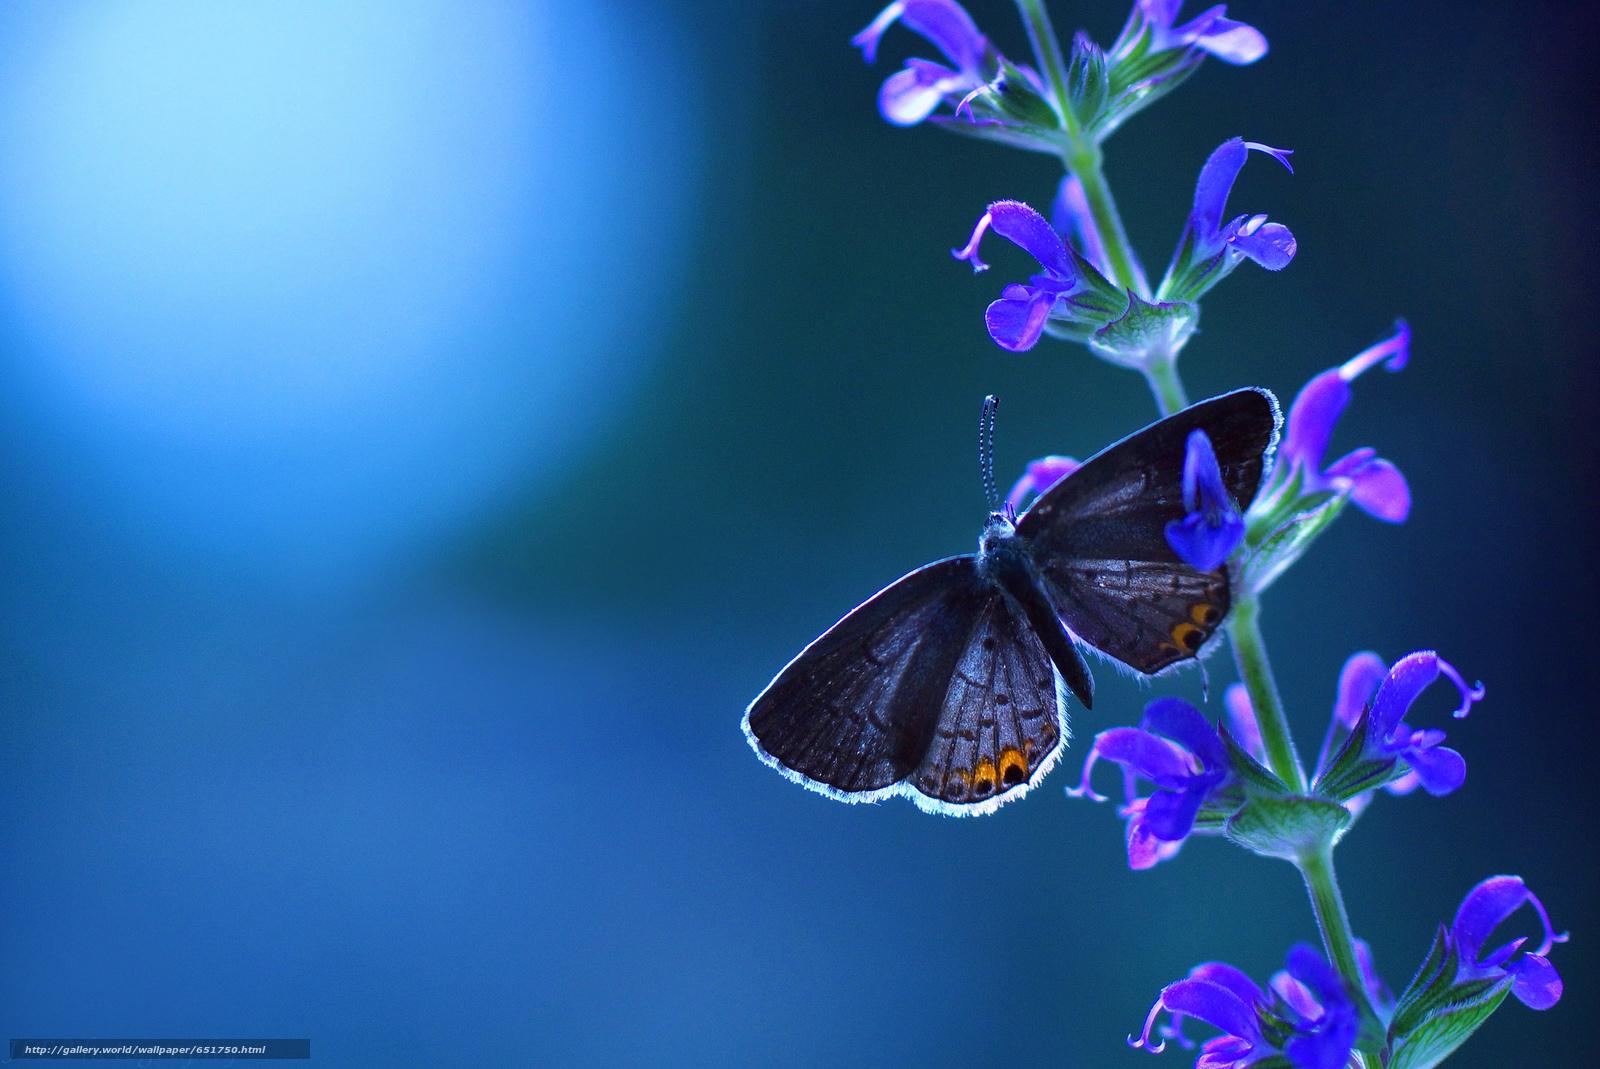 Скачать обои растенте,  цветы,  бабочка,  макро бесплатно для рабочего стола в разрешении 2048x1368 — картинка №651750